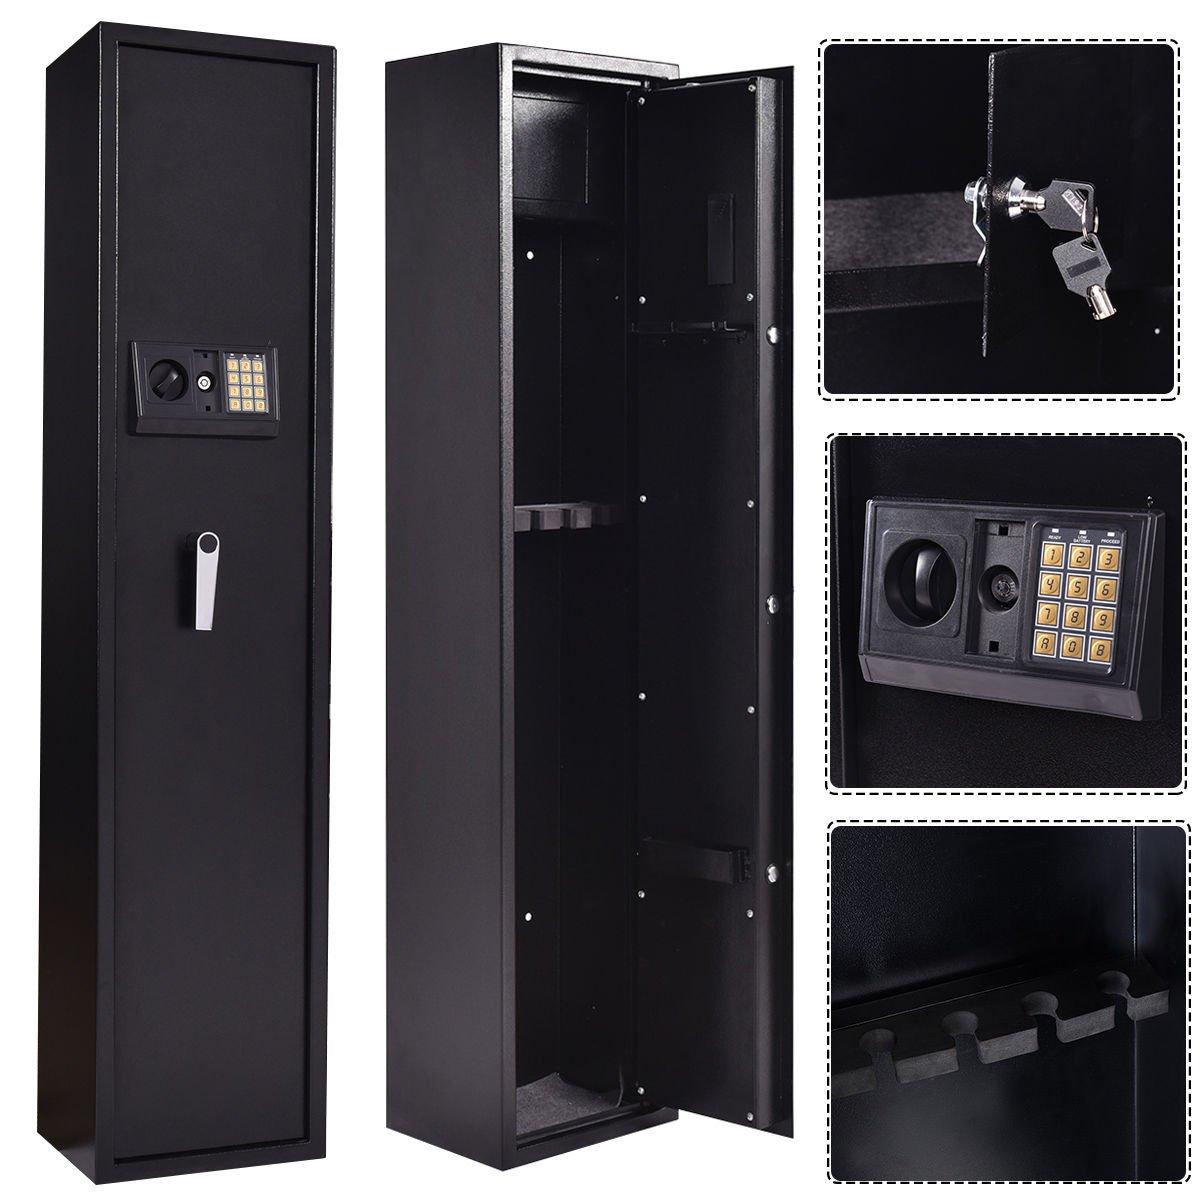 ライフルガン電子ロックストレージ安全キャビネットFirearmスチールロックボックスケース   B078YSJQB4